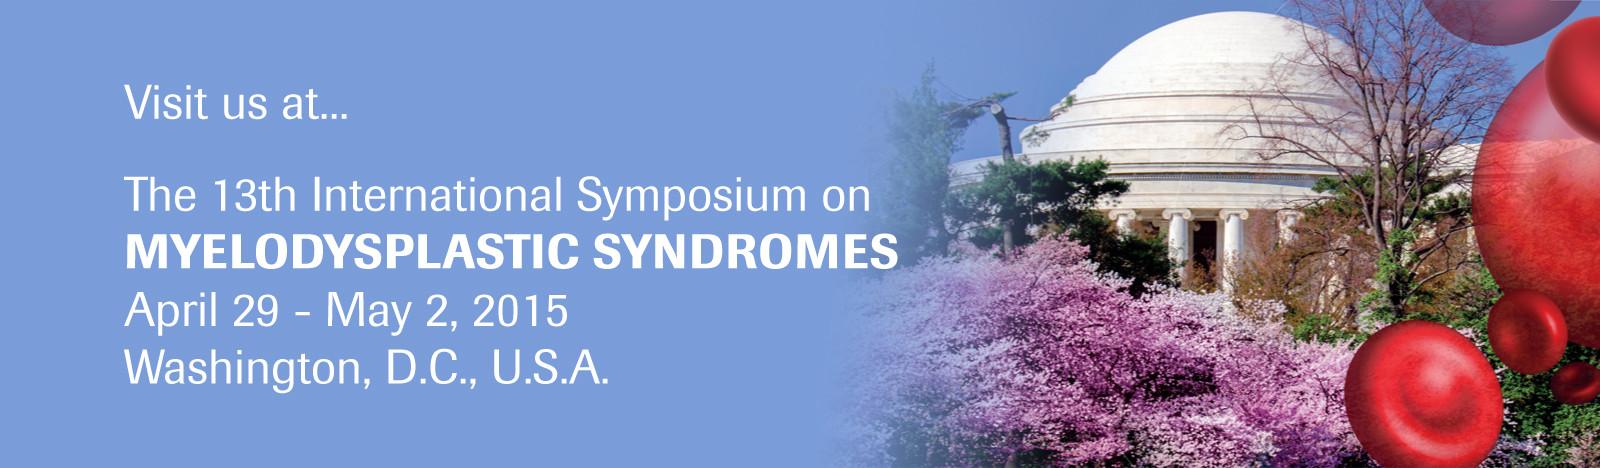 THE 13TH INTERNATIONAL SYMPOSIUM ON MYELODYSPLASTIC SYNDROMES